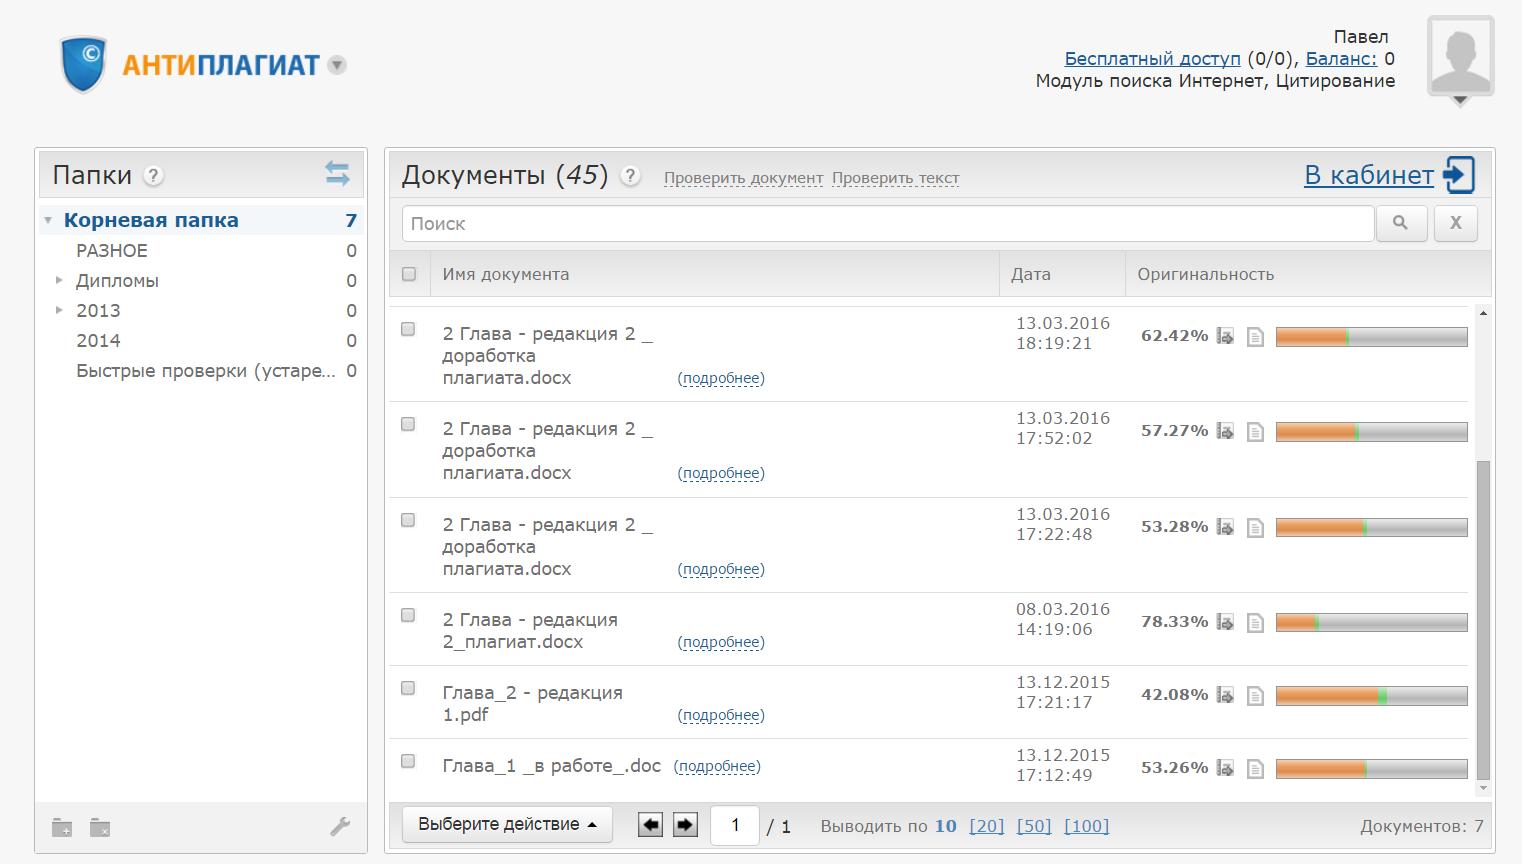 ru Антиплагиат экспресс Антиплагиат проверка онлайн В личном кабинете будут отображены документы которые вы проверяли на антиплагиат онлайн а также возможность просмотра краткого отчета по документам